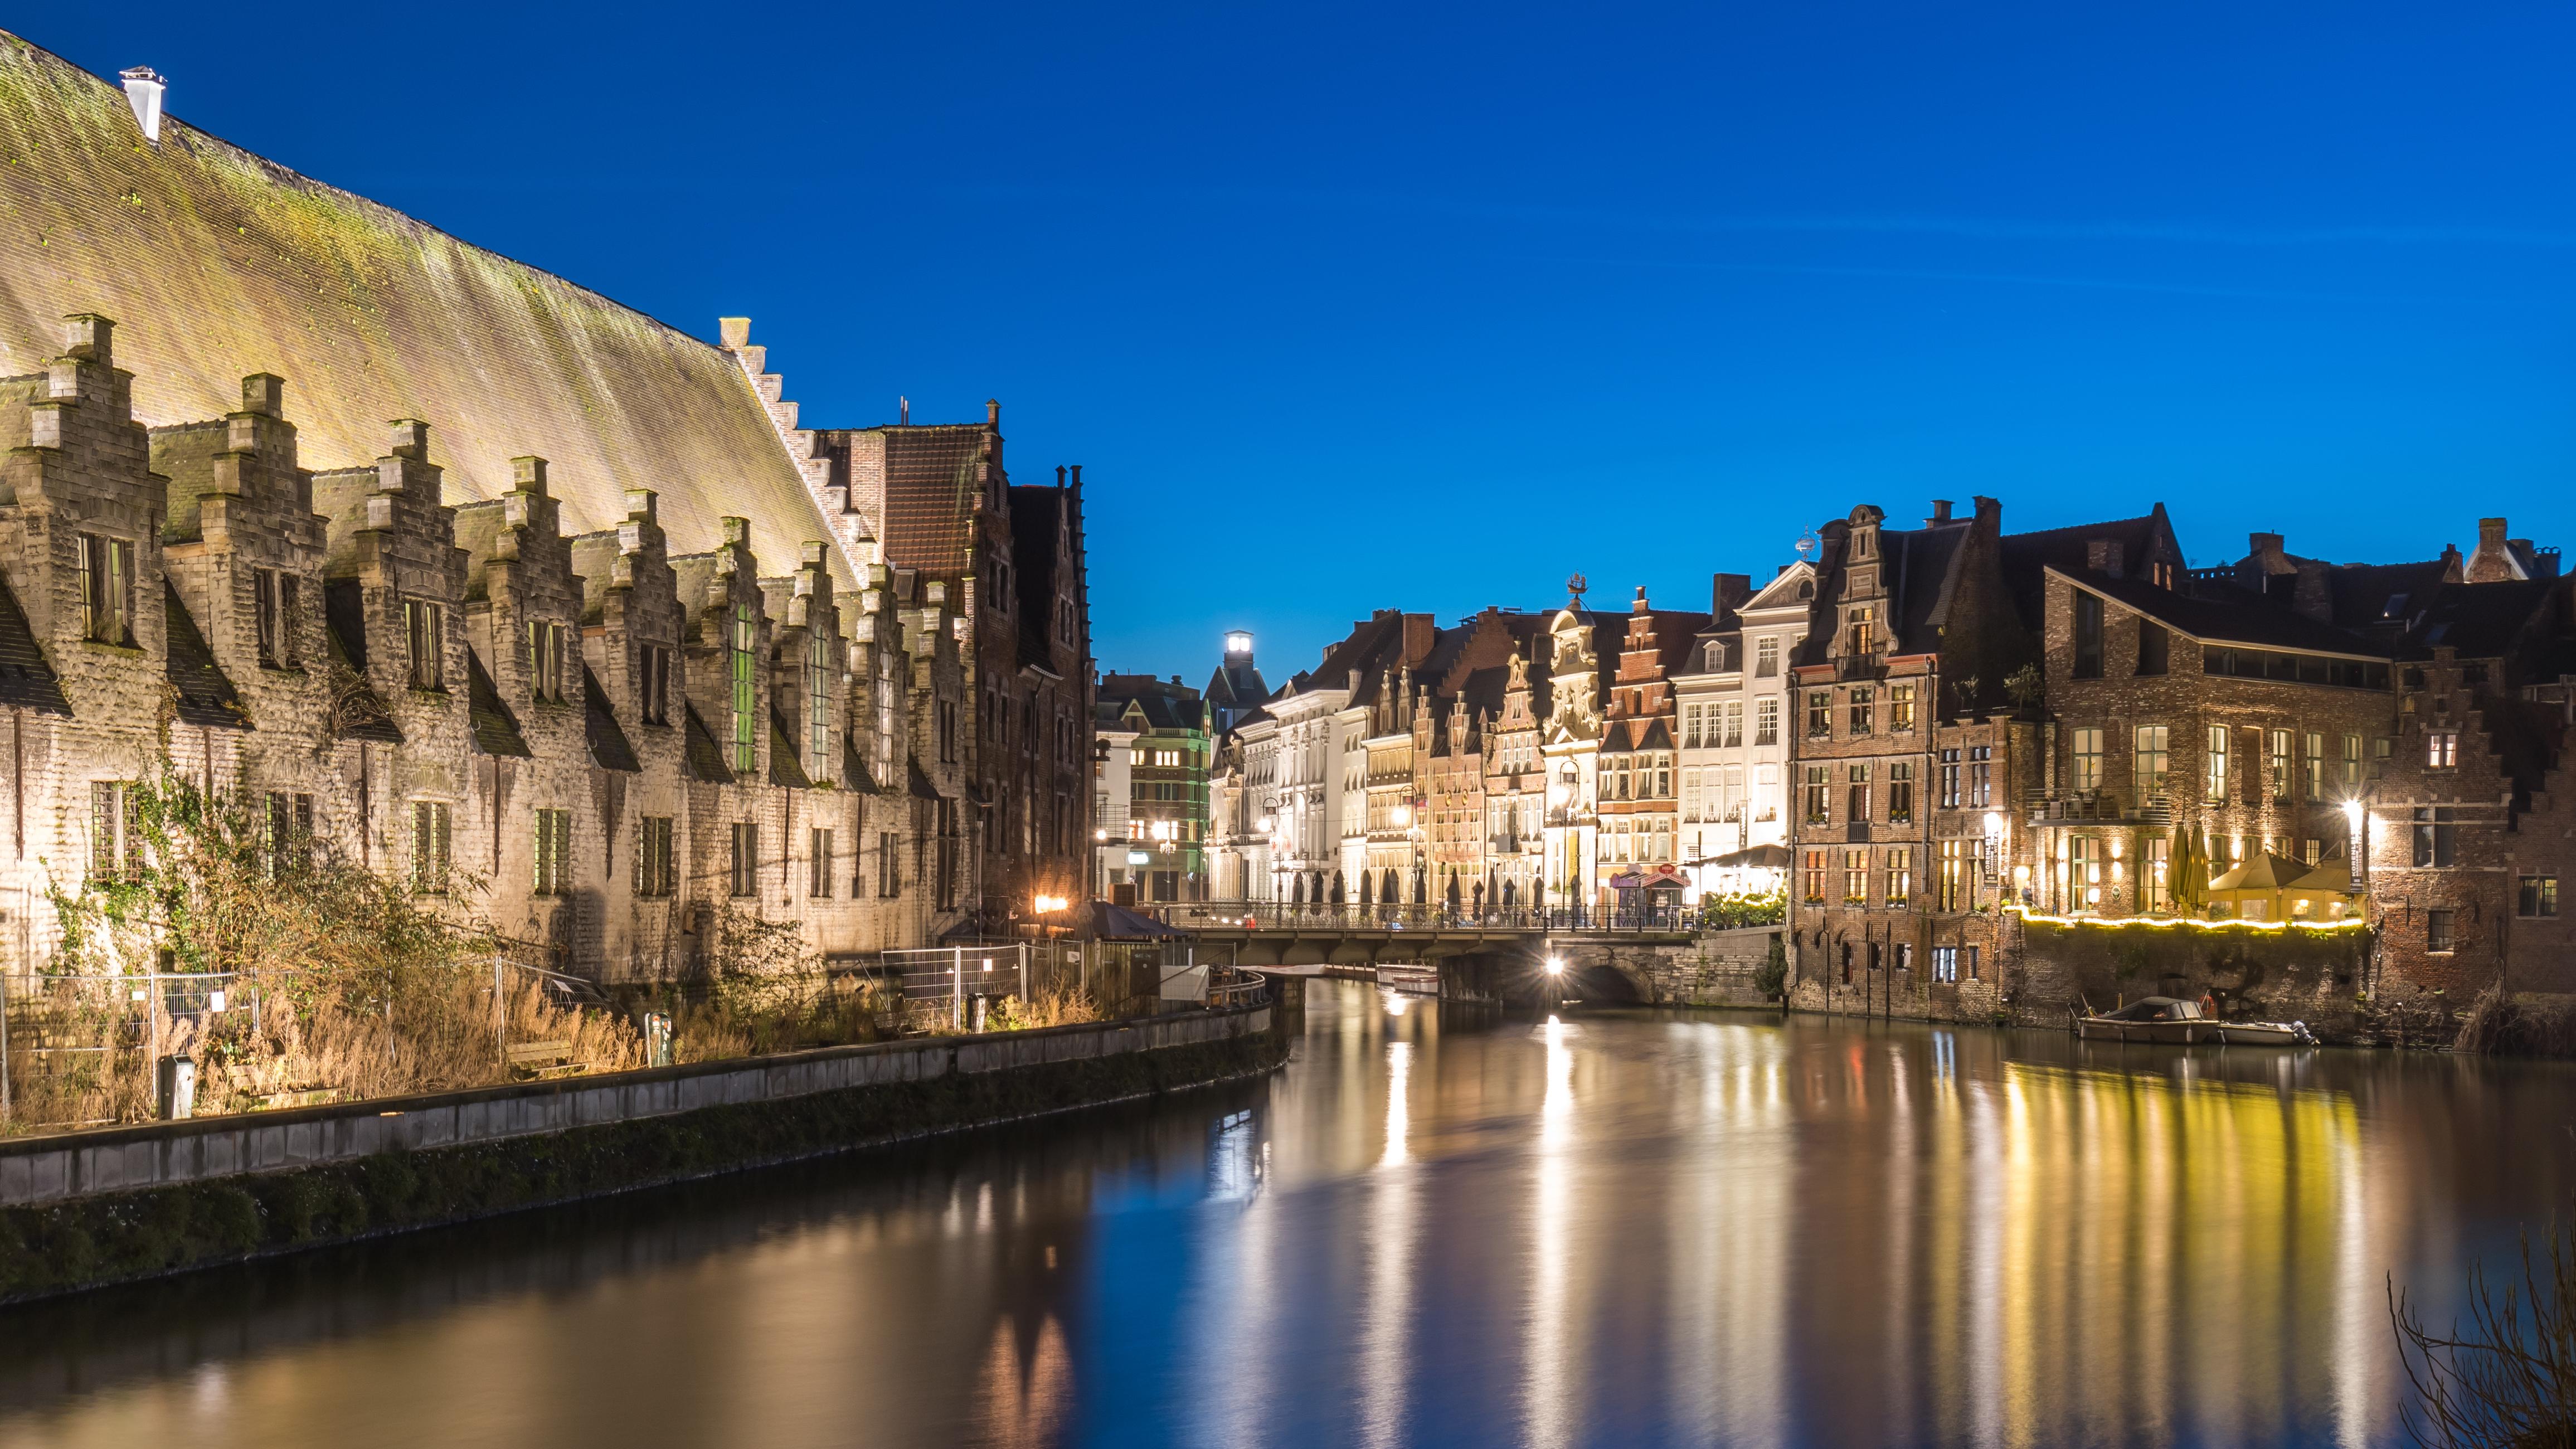 GHENT | BELGIUM